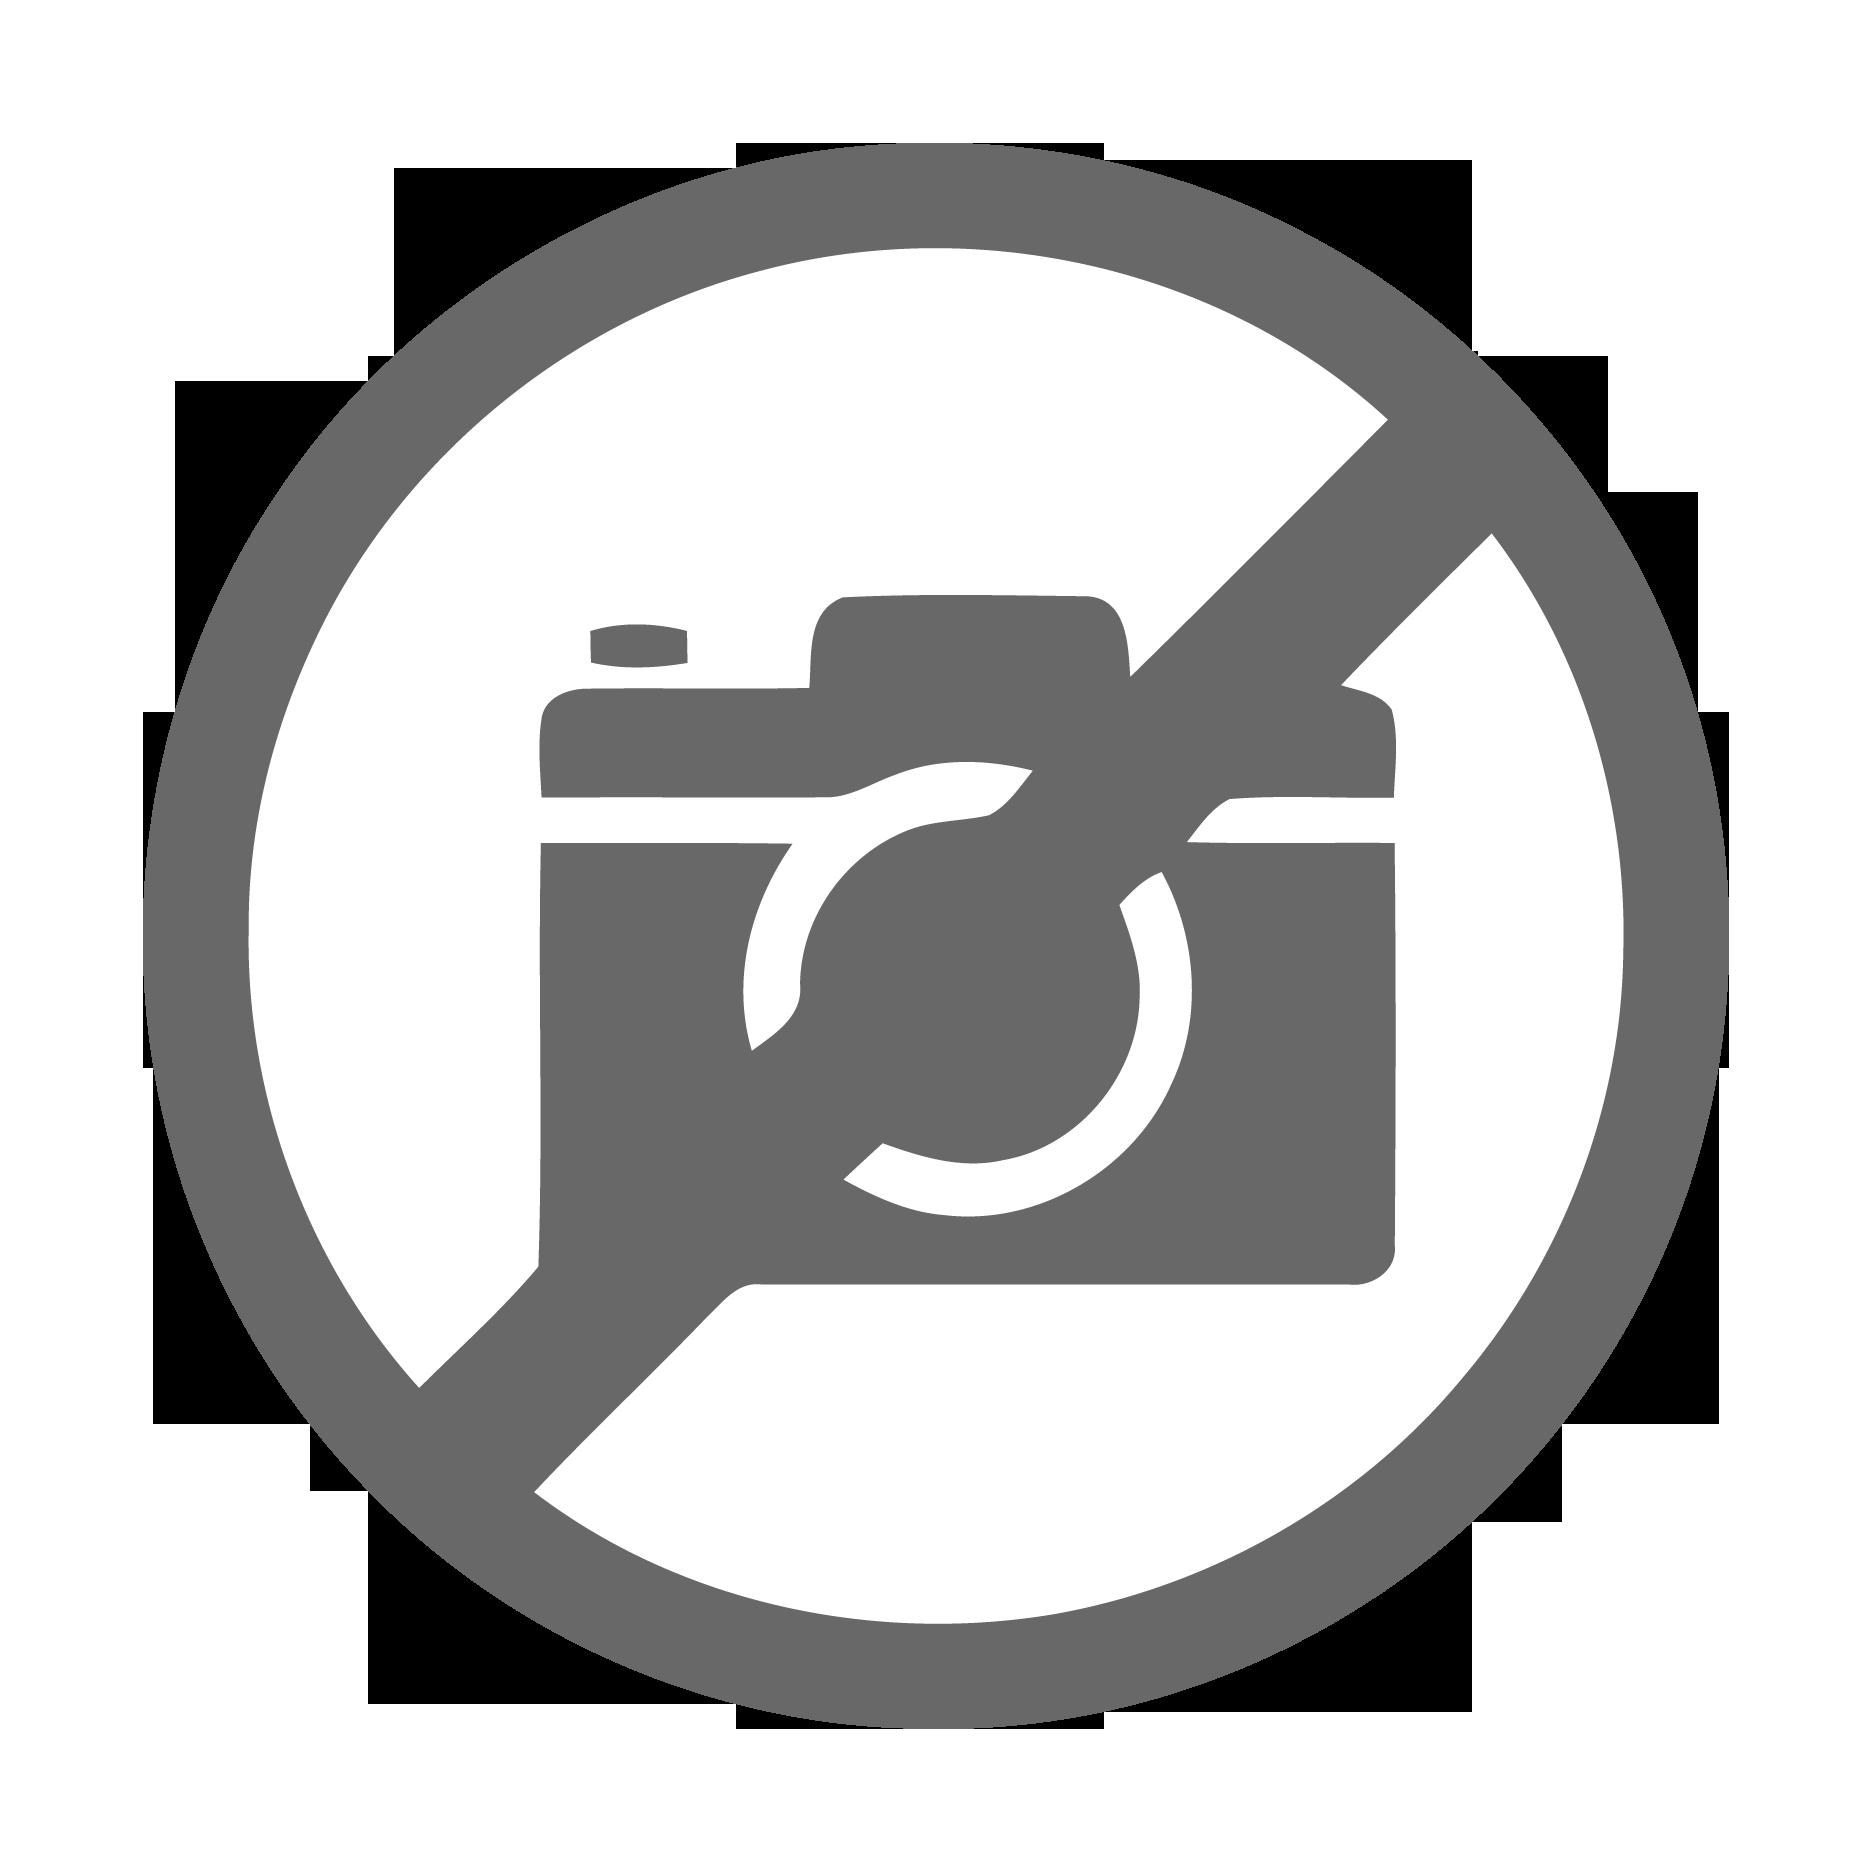 Macedonian Banitsa Stamboliyski